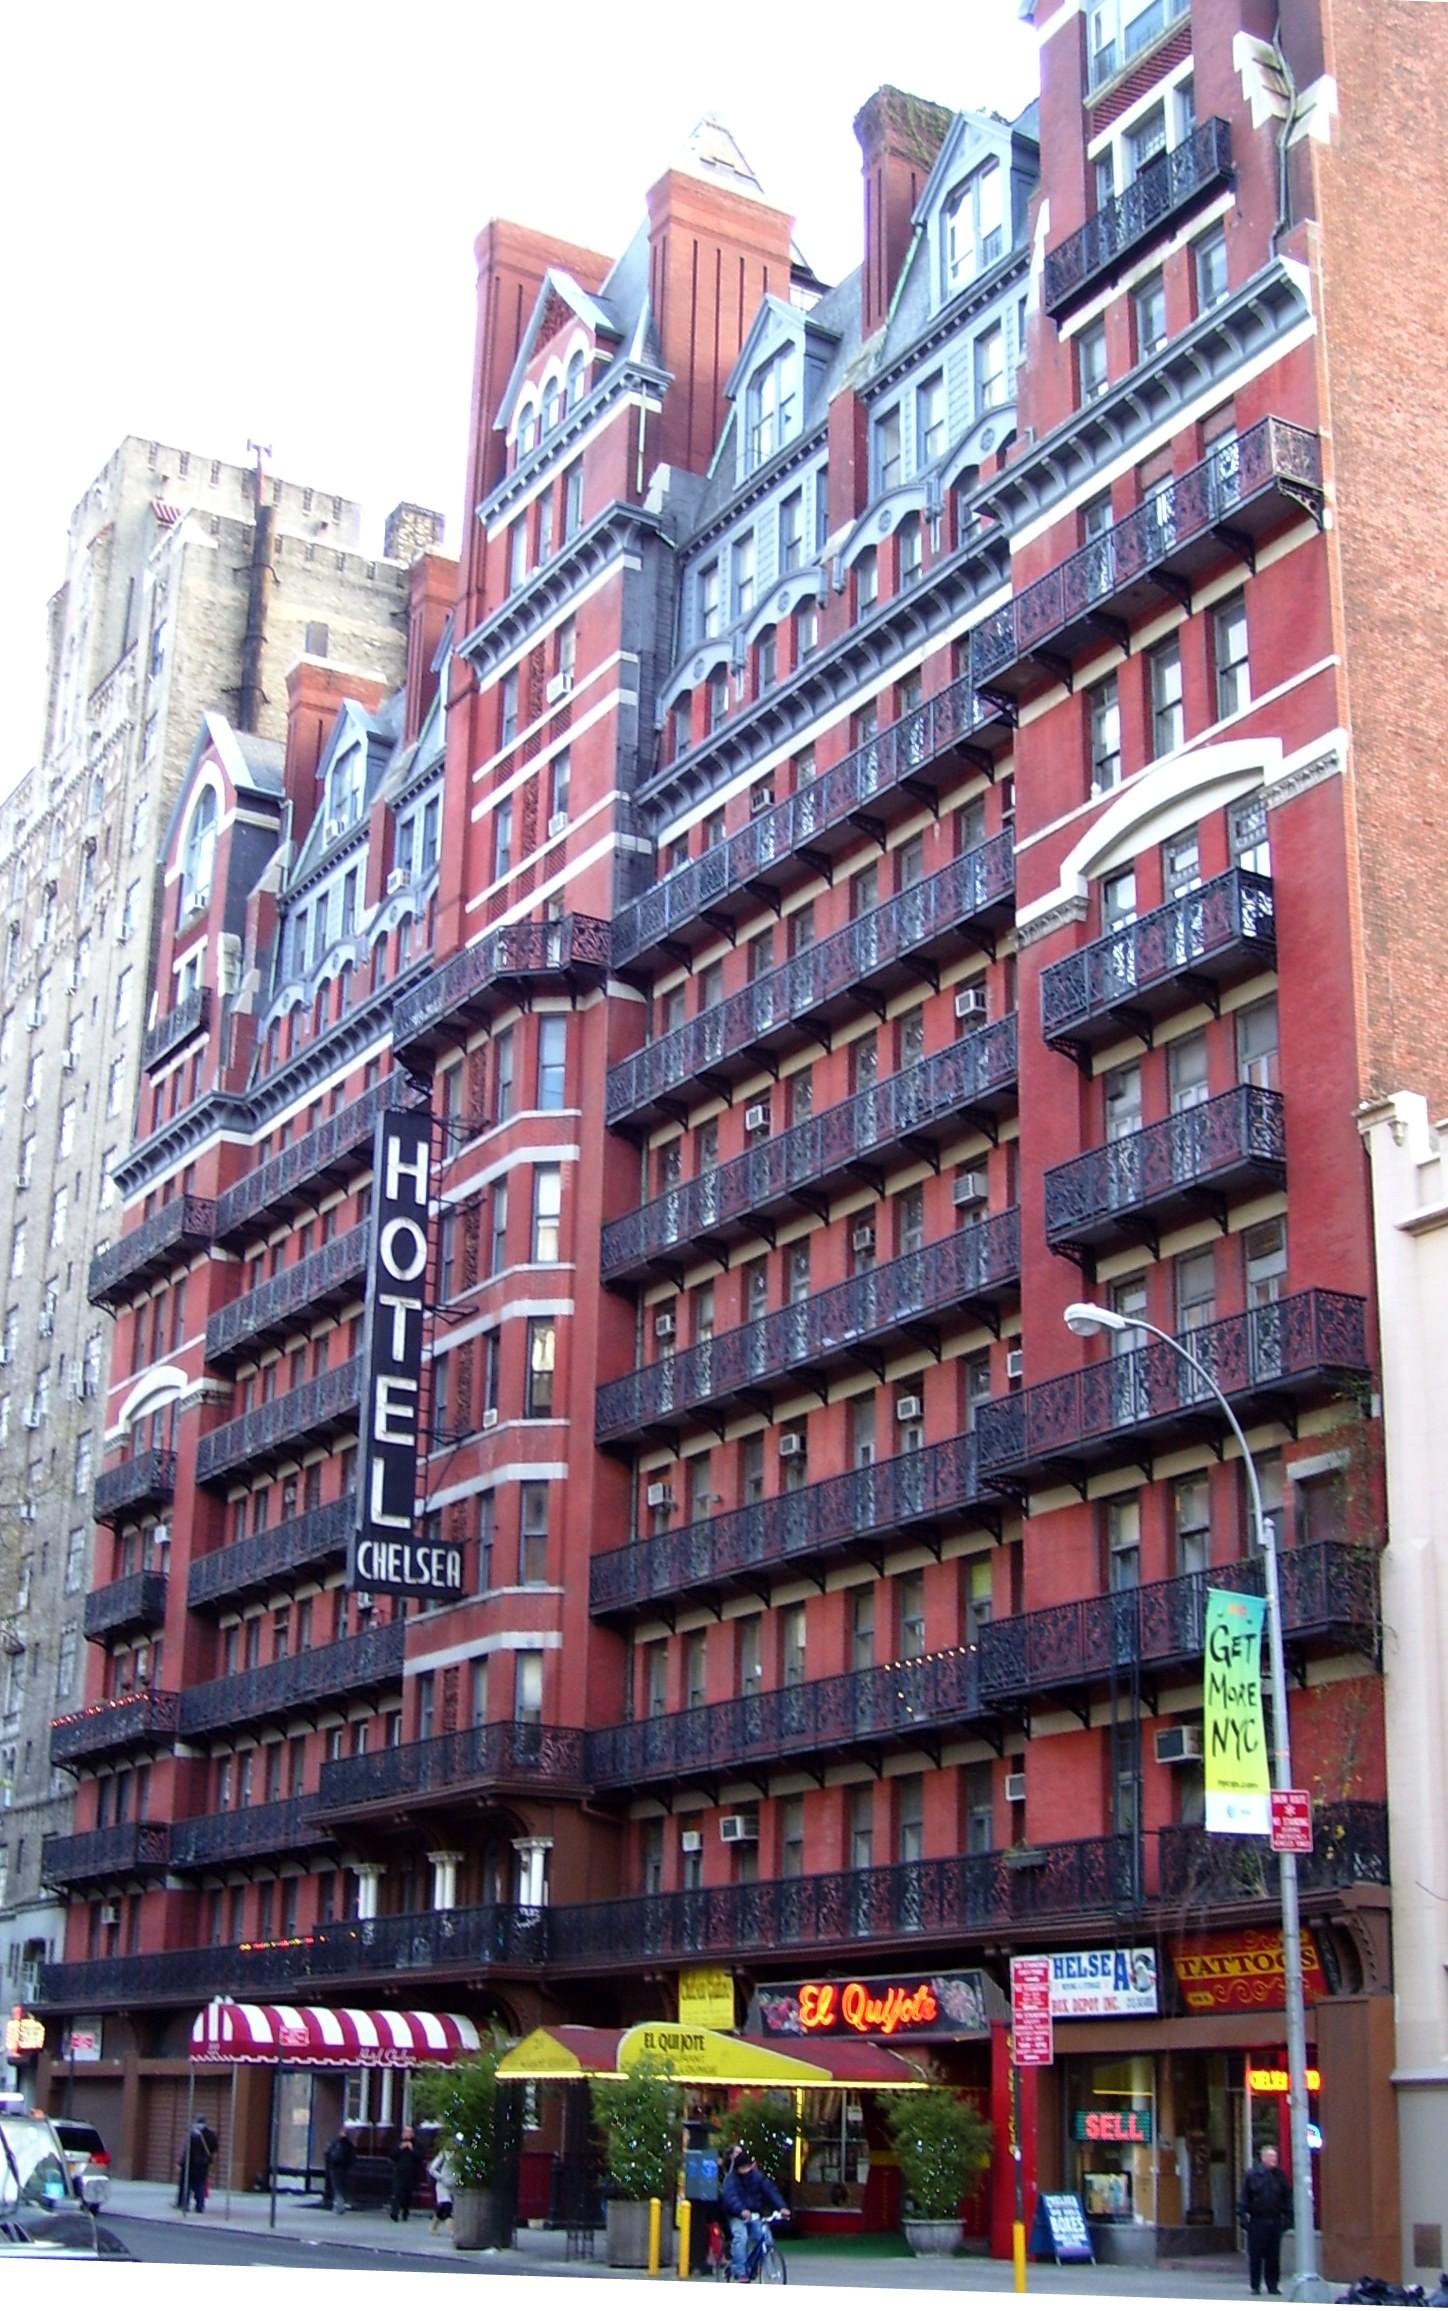 L'expérience d'Angelica à New York, États-Unis